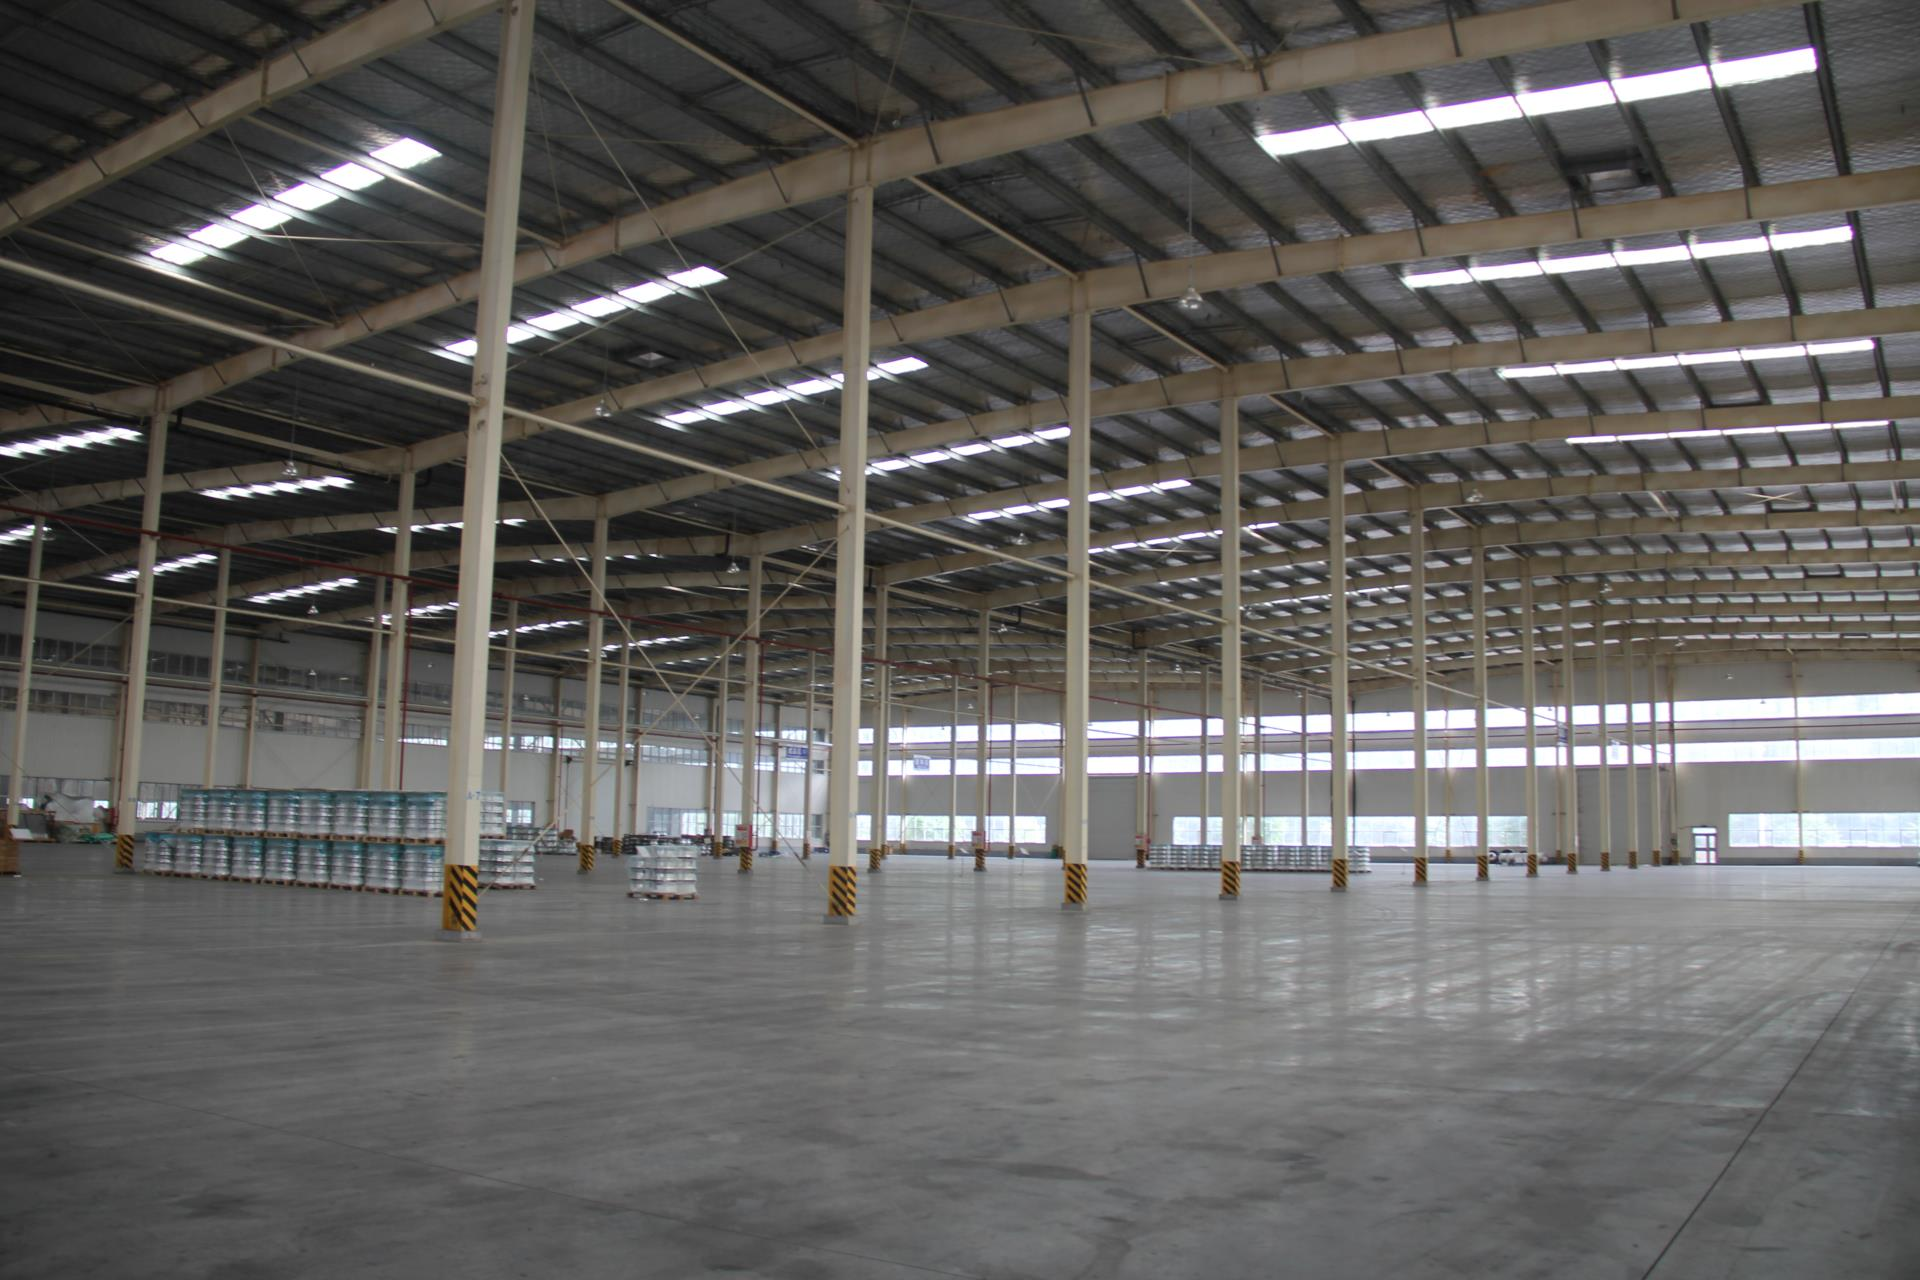 广饶经济技术开发区智能制造产业园,现有标准厂房6万平方米,可租售或租赁,交通便利通水通电。